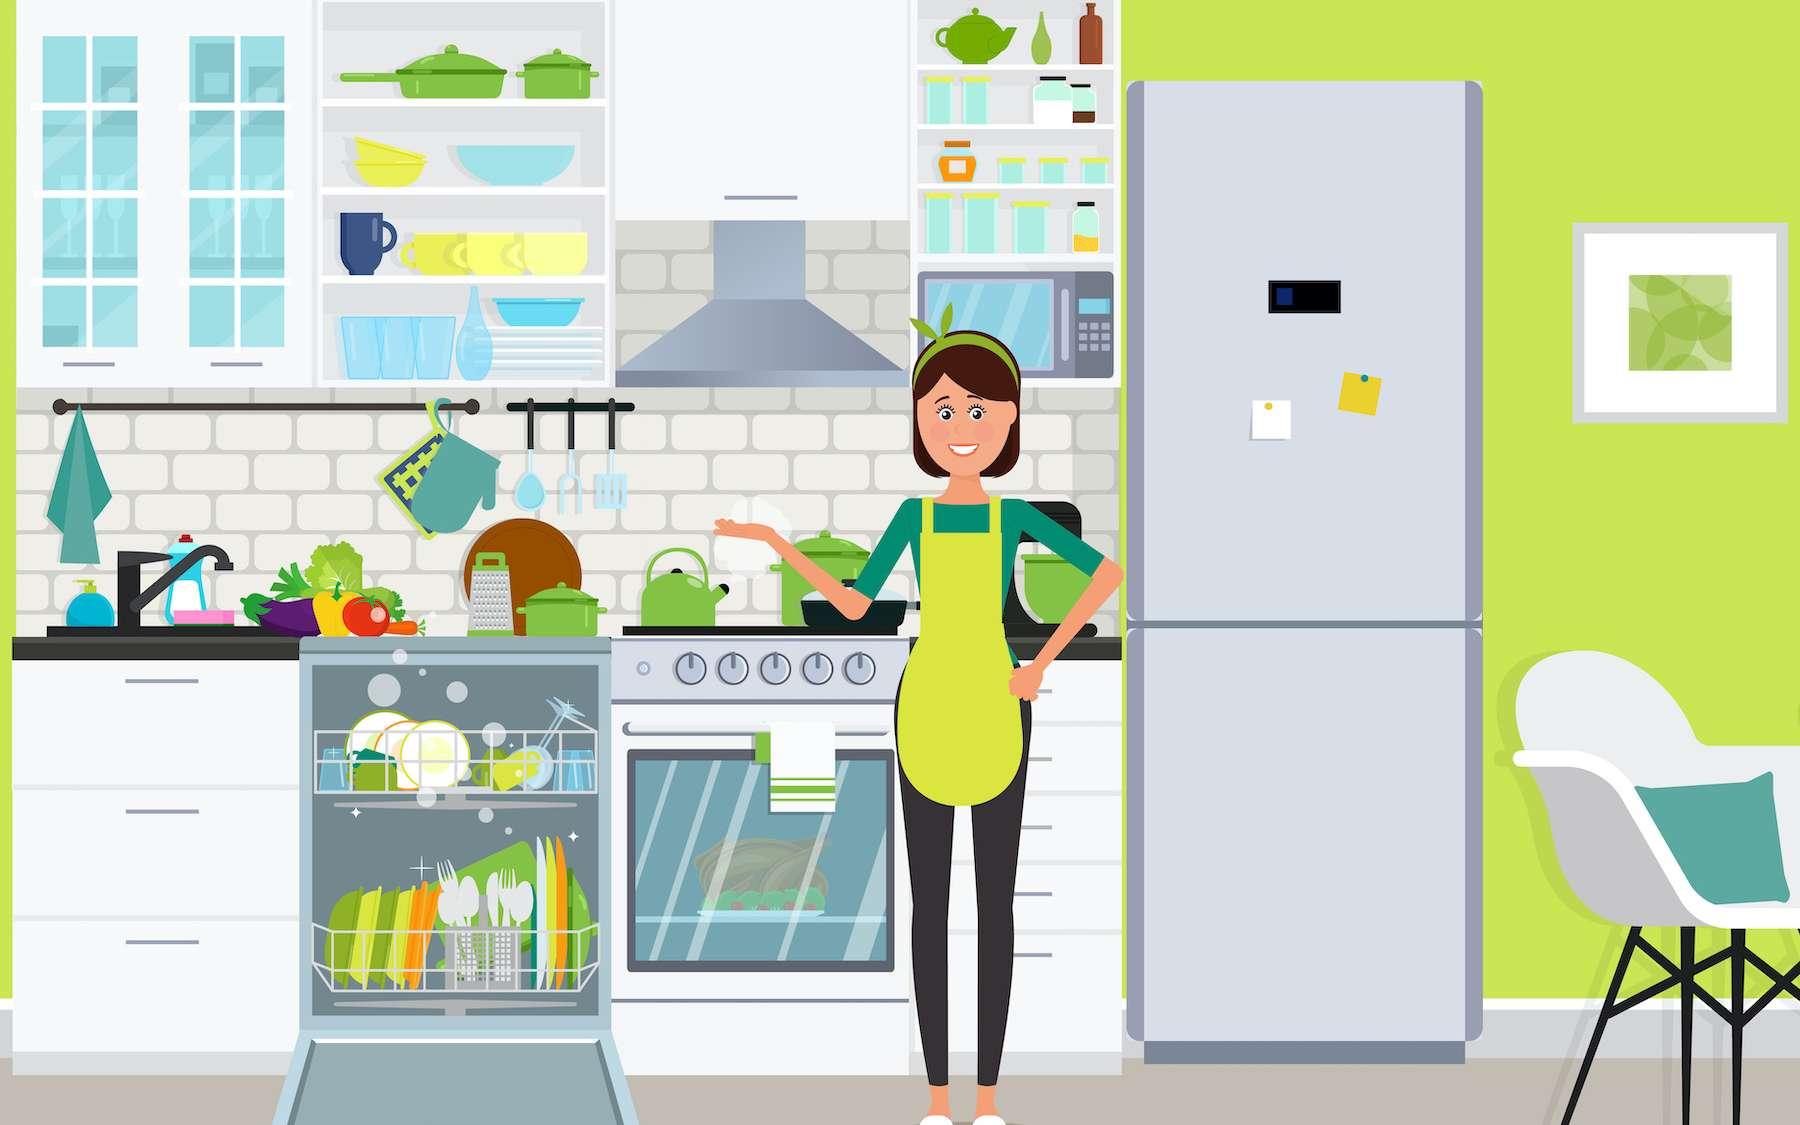 Comment laver sa laver sa vaisselle en préservant l'environnement © marinadreams, Adobe Stock